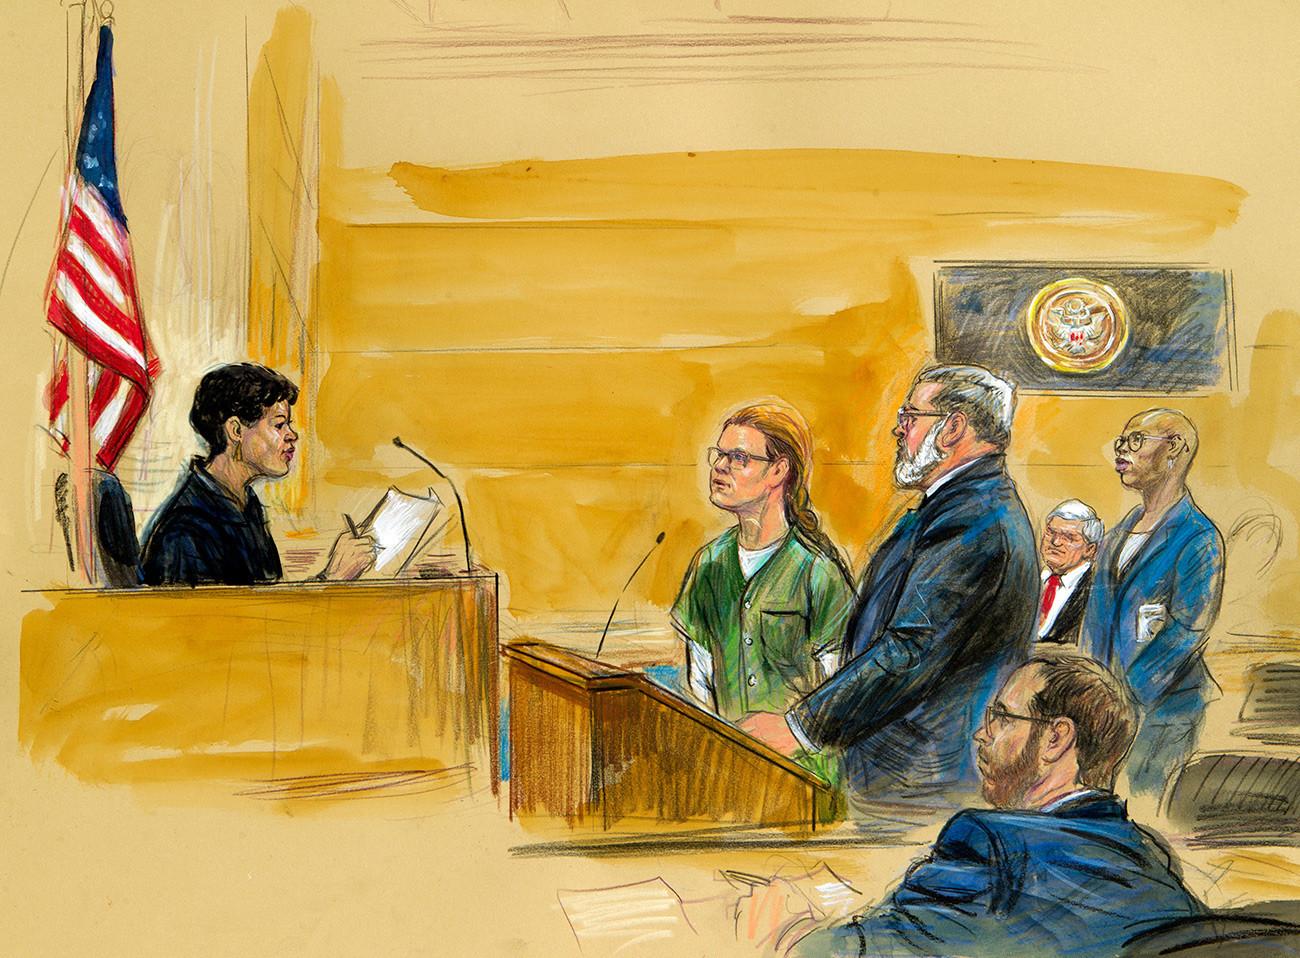 На скицата од судењето прикажана е Марија Бутина со својот адвокат Роберт Дрискол пред окружниот суд во четвртокот на 13 декември 2018 година.